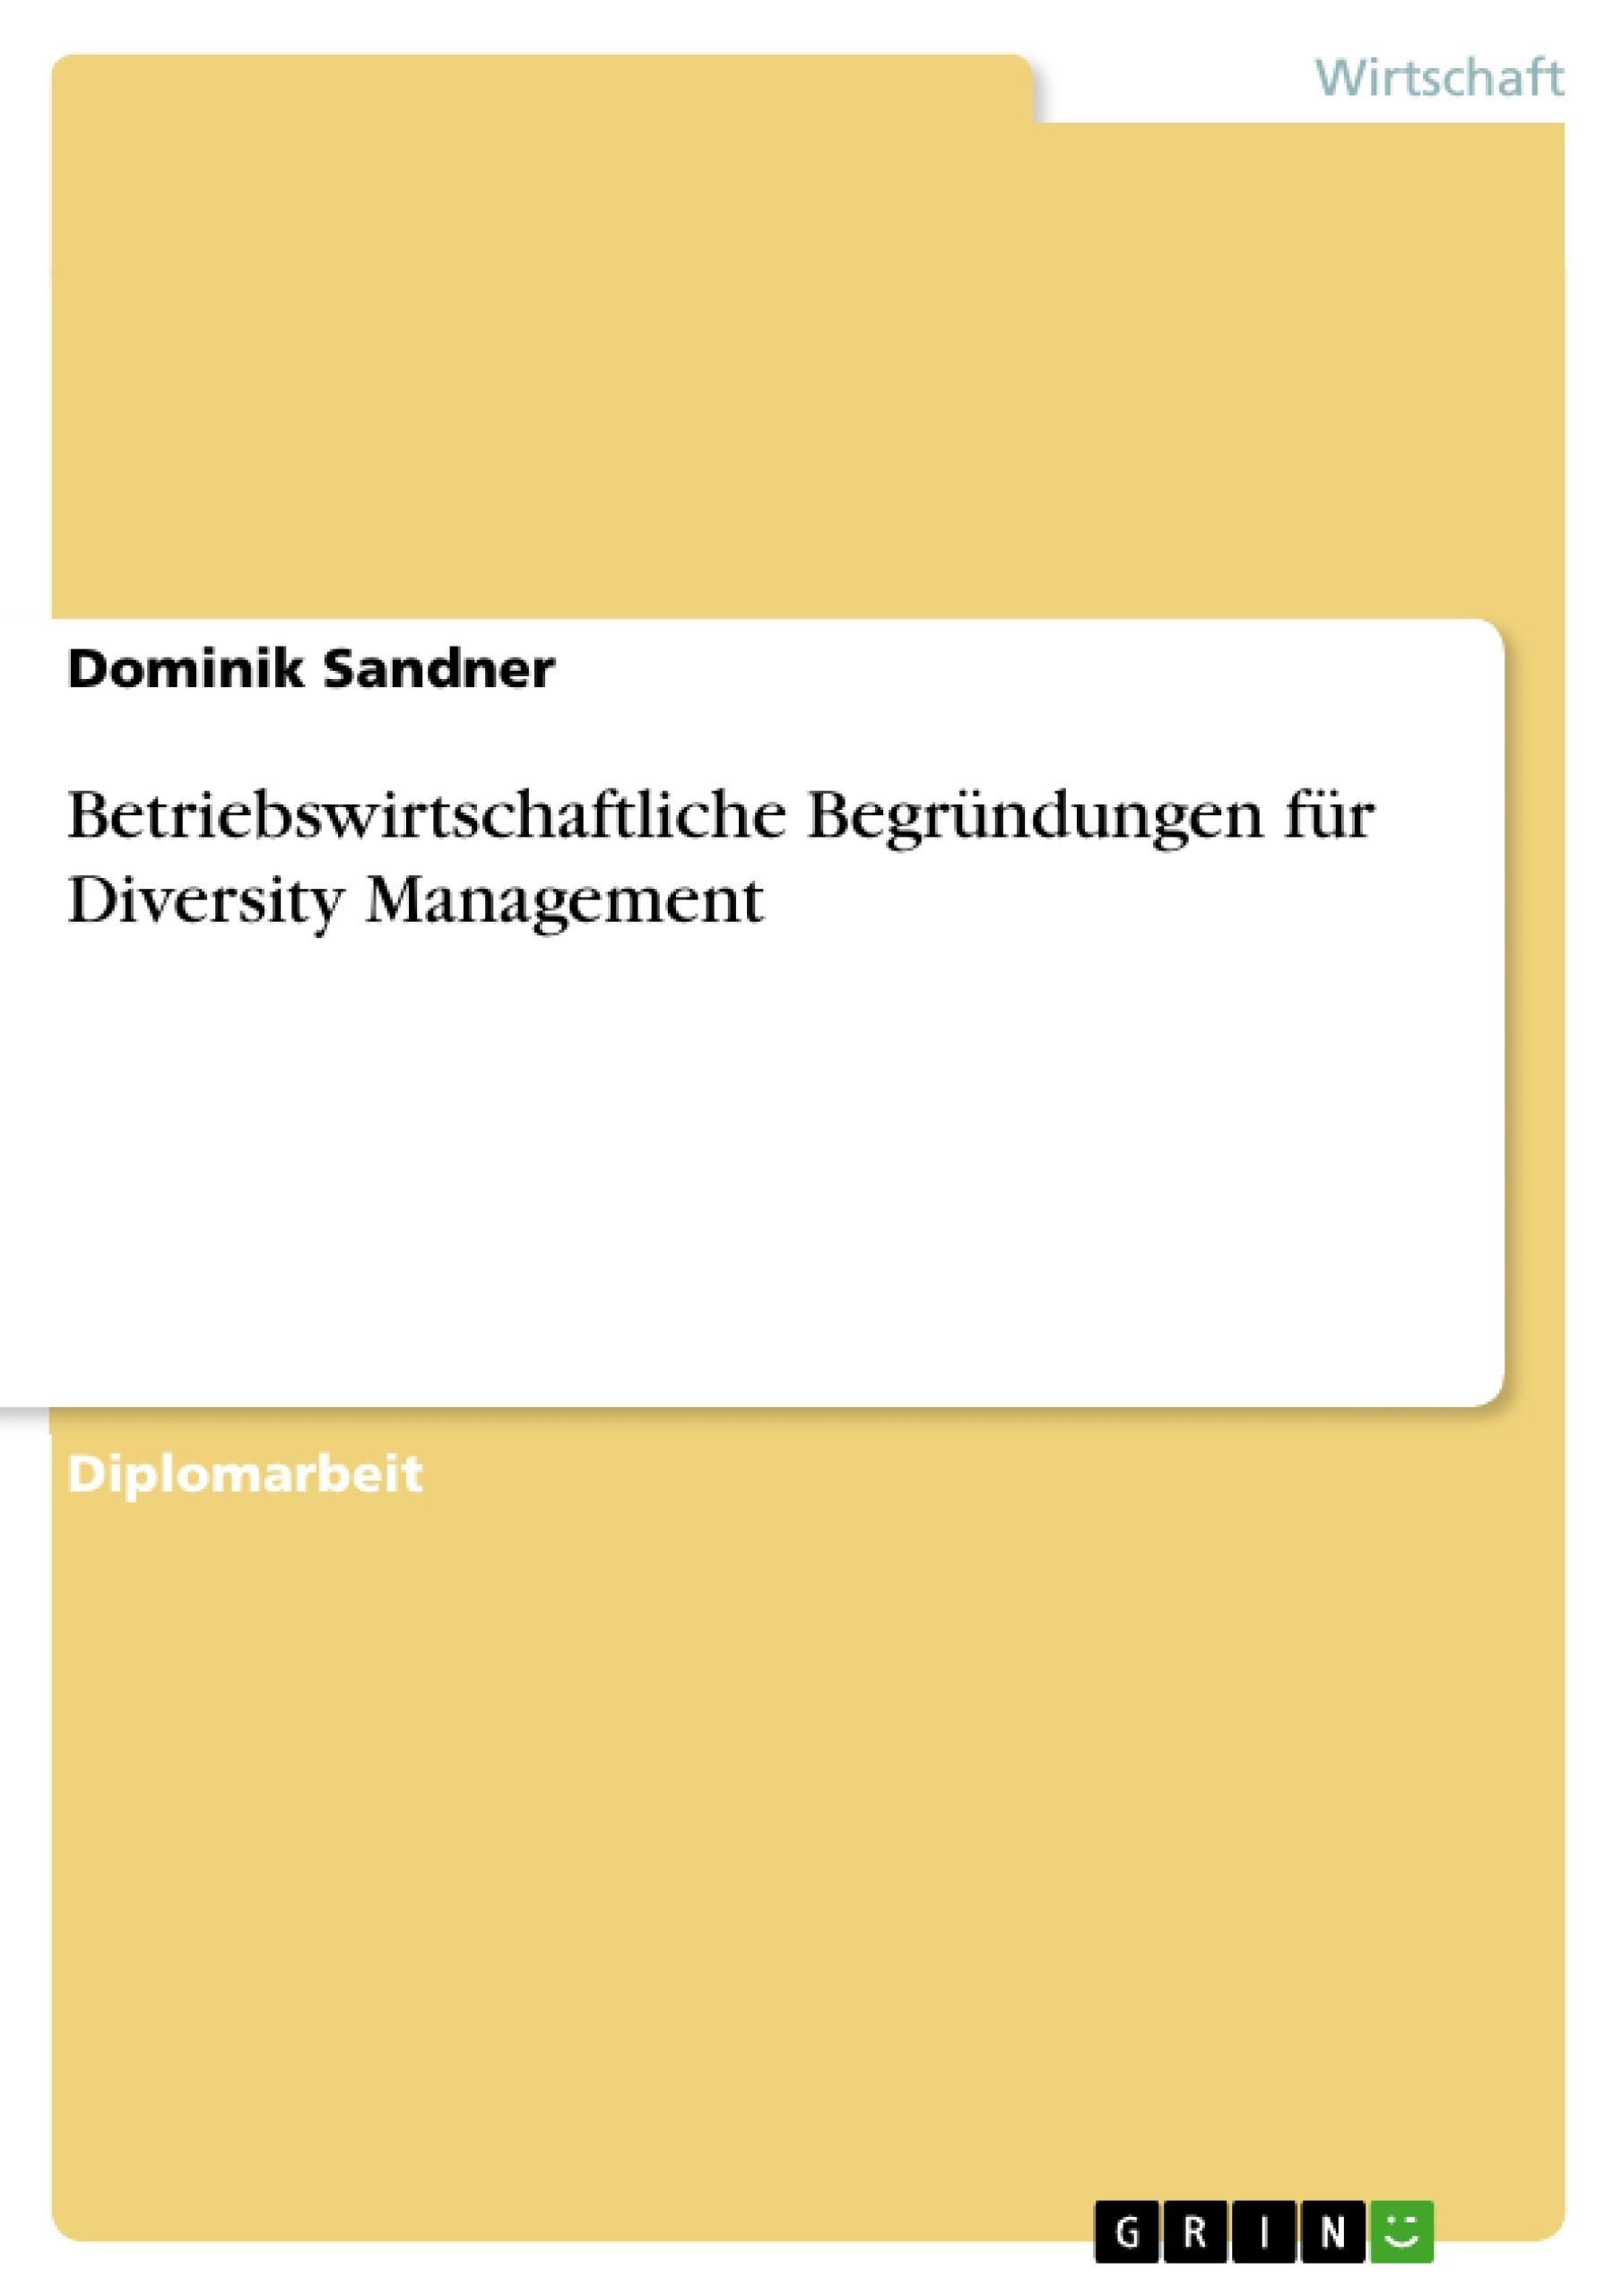 Titel: Betriebswirtschaftliche Begründungen für Diversity Management